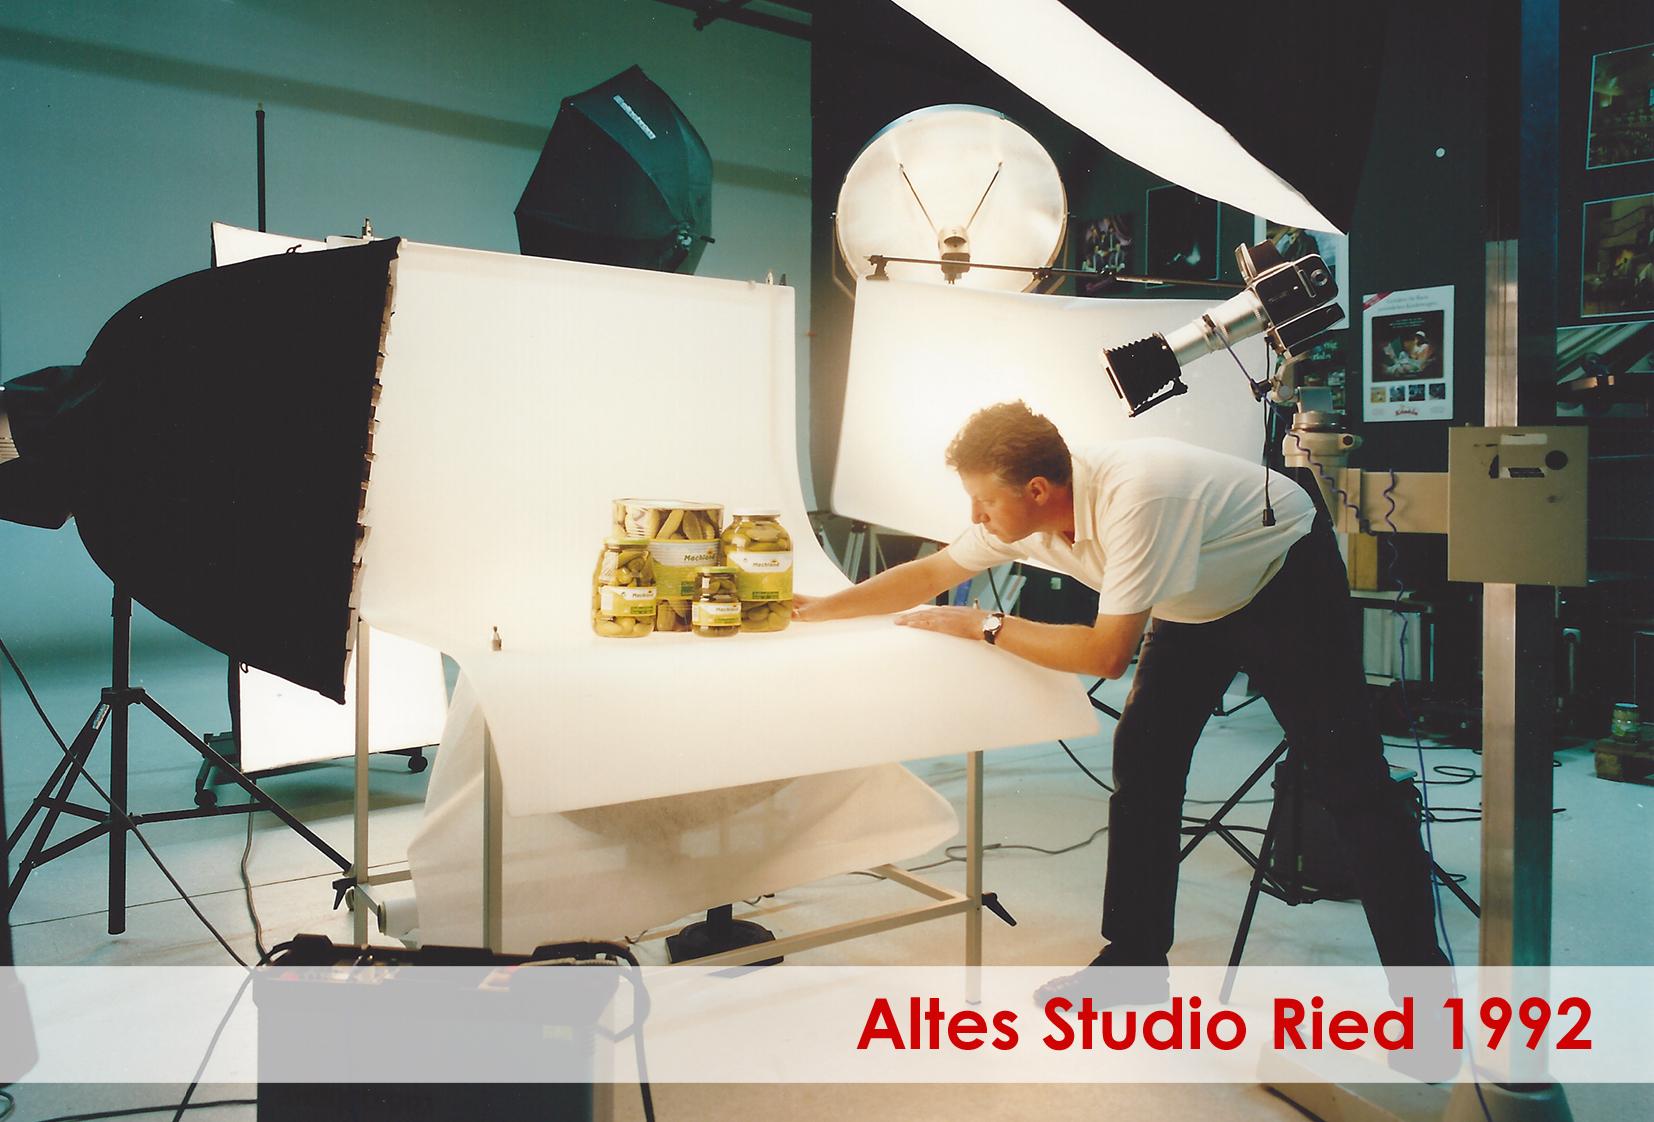 Altes Fotostudio in Ried von Hannes Resch